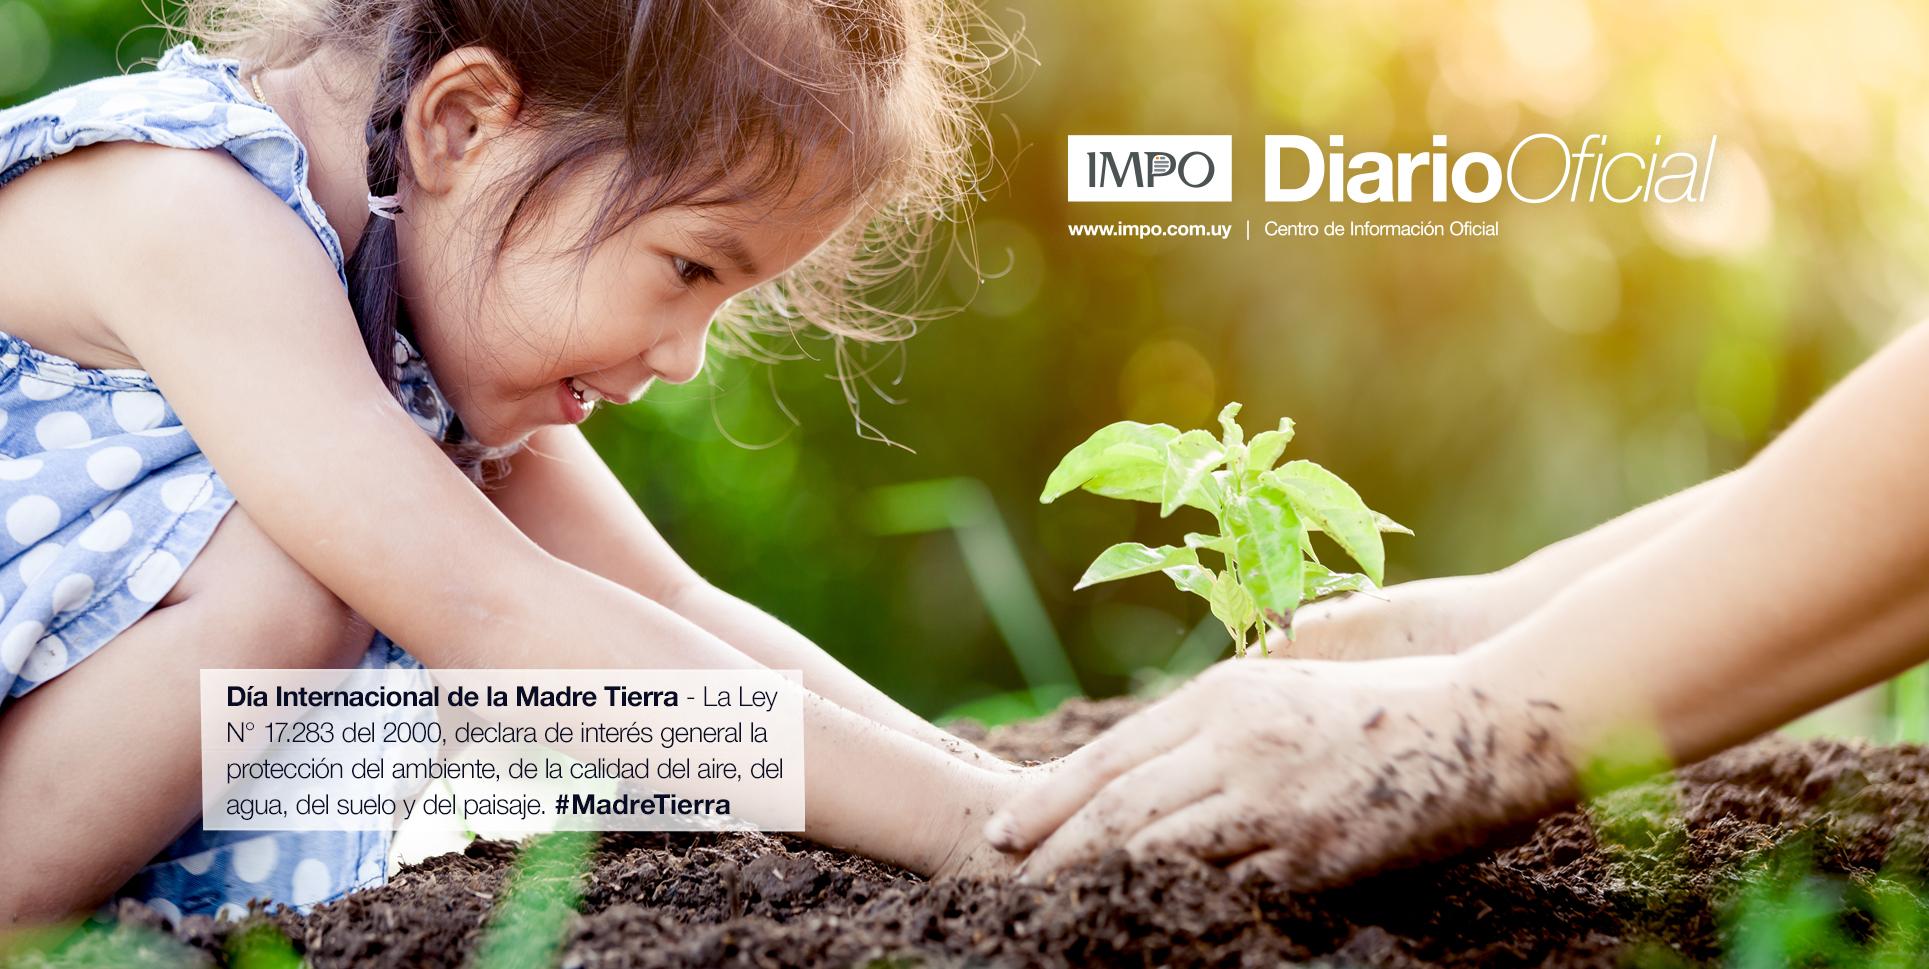 Niña Plantando Un Plantín Con Ayuda De Un Mayor